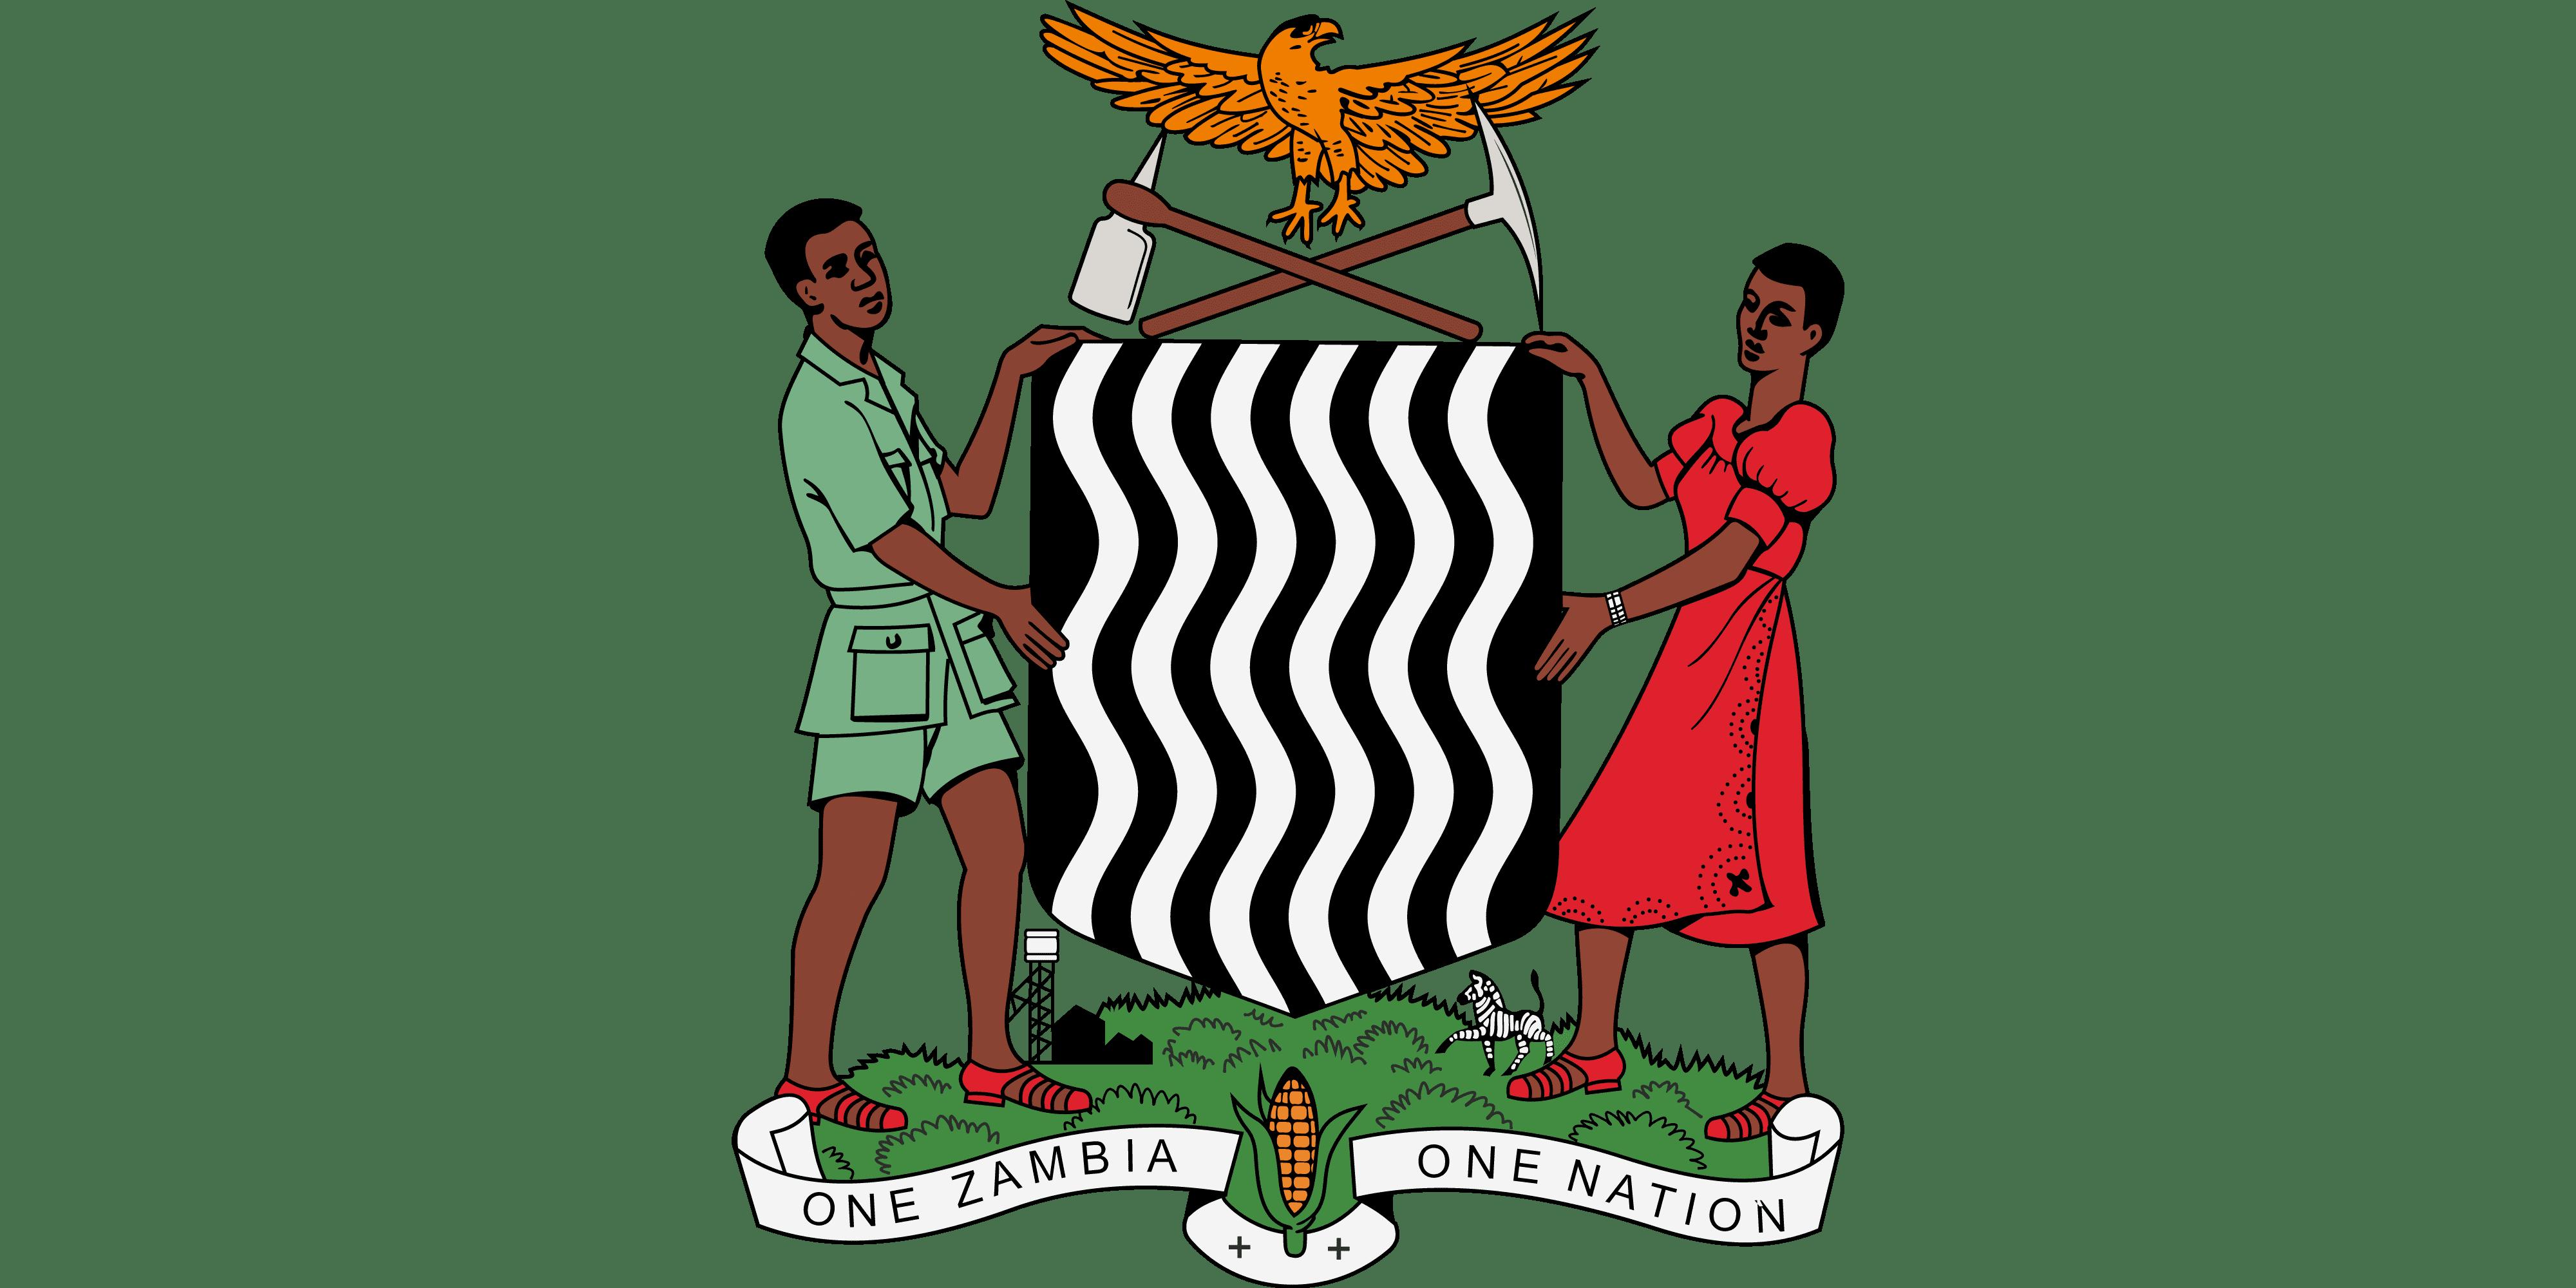 Ministry of Health (Zambia) logo